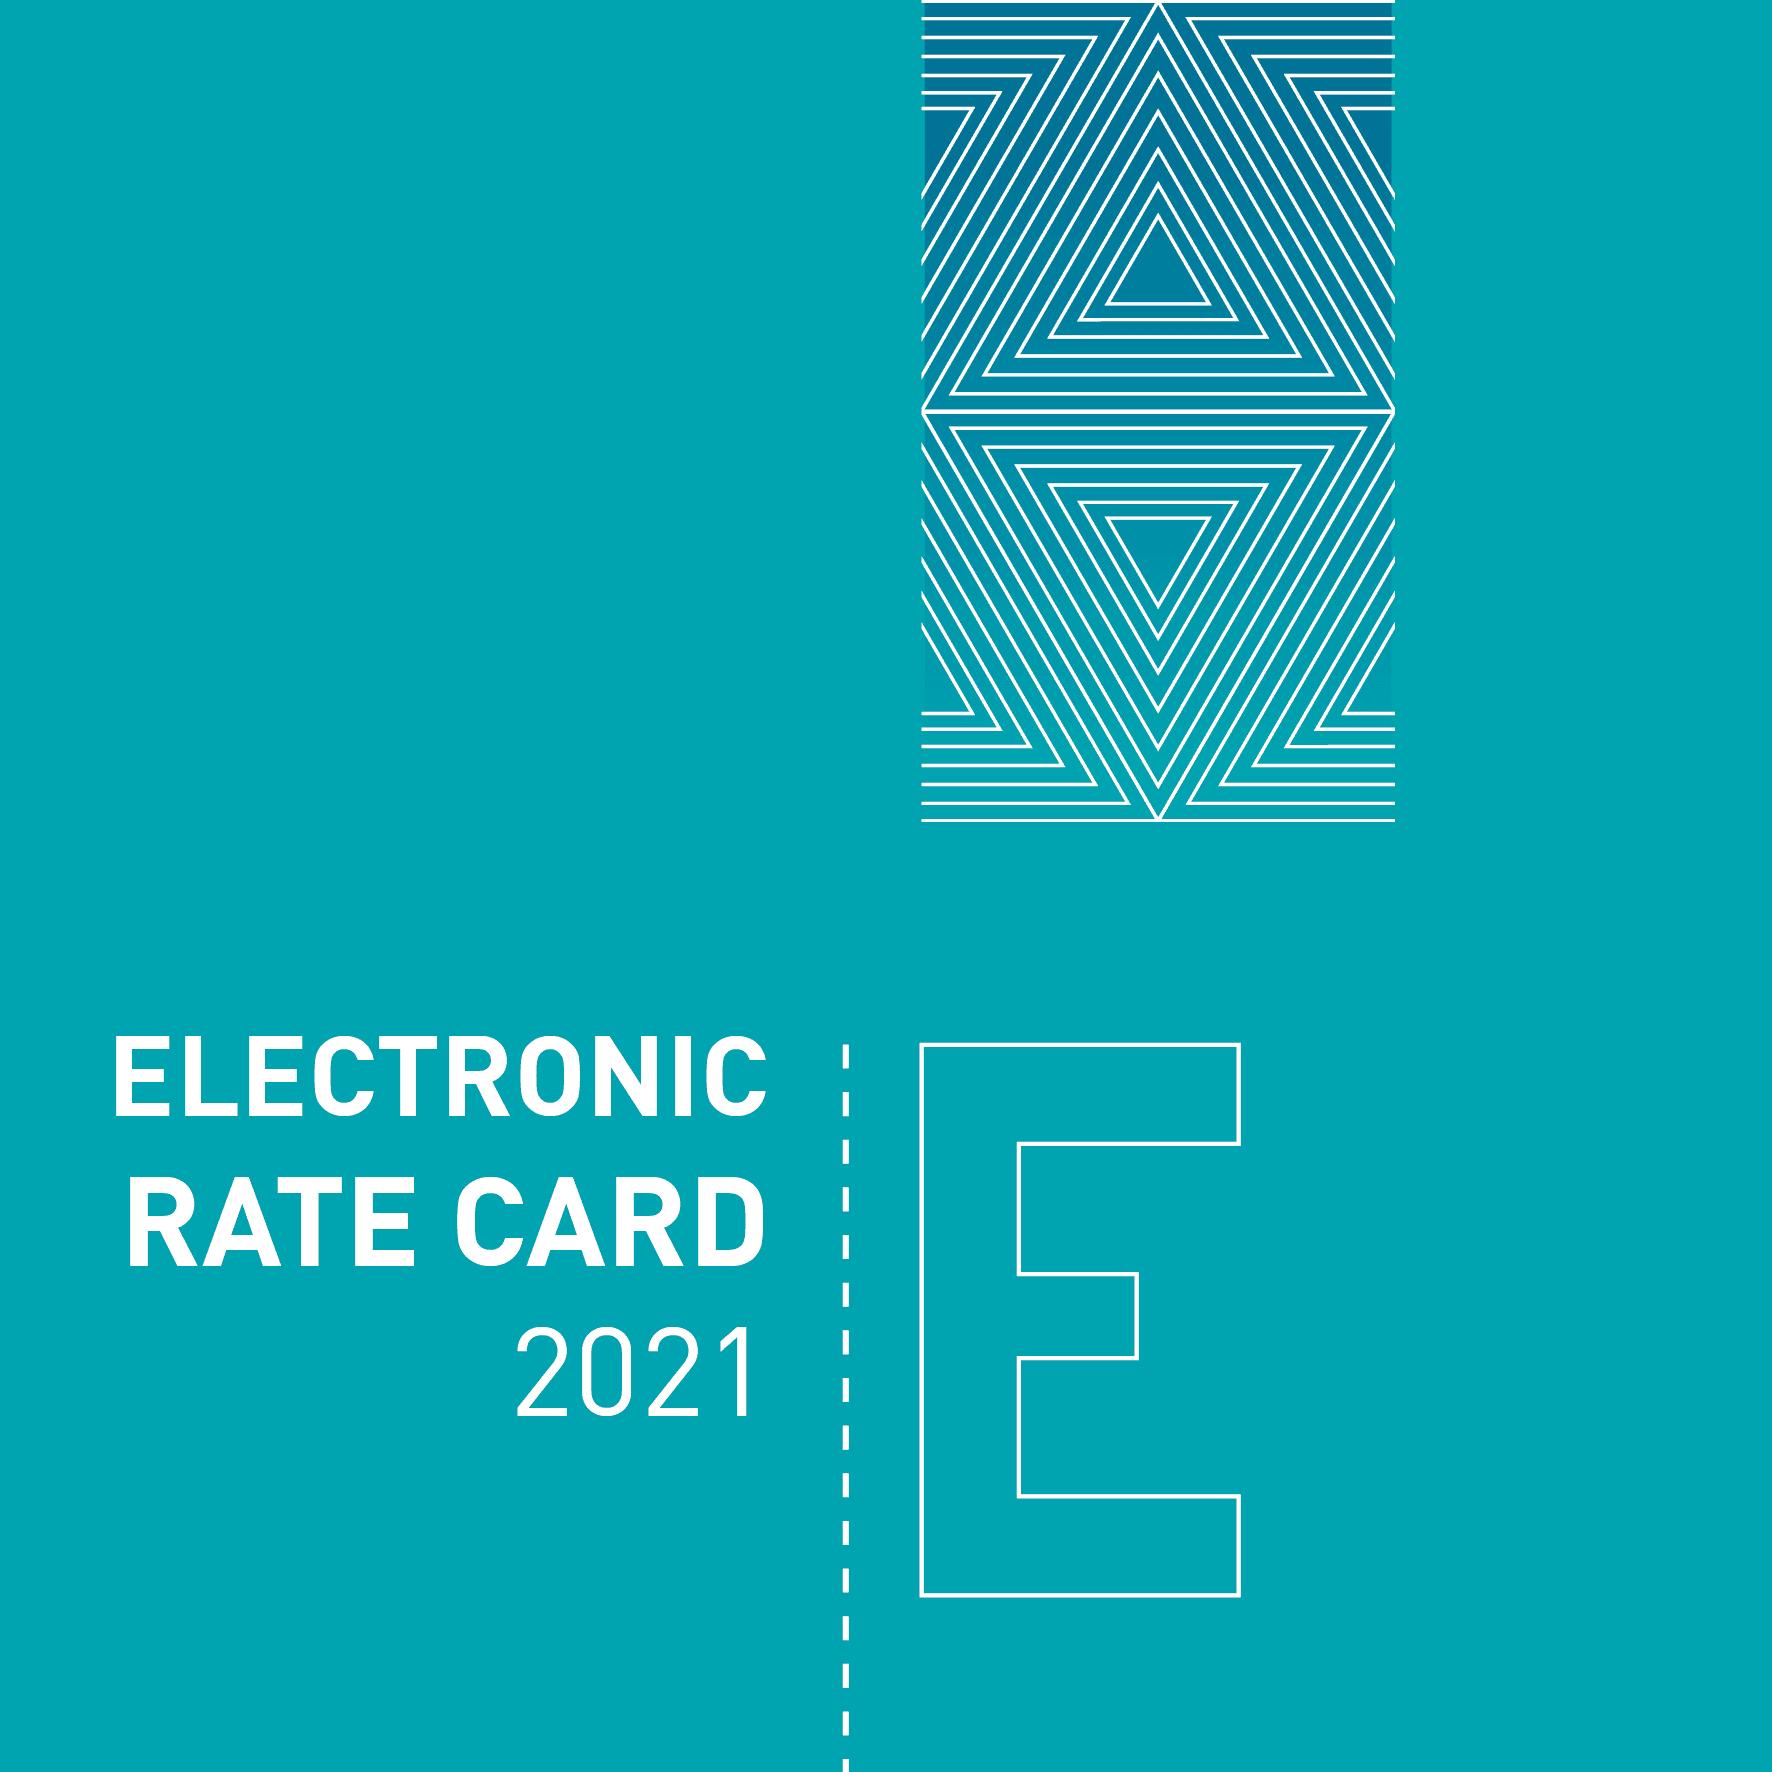 2021 E rate card